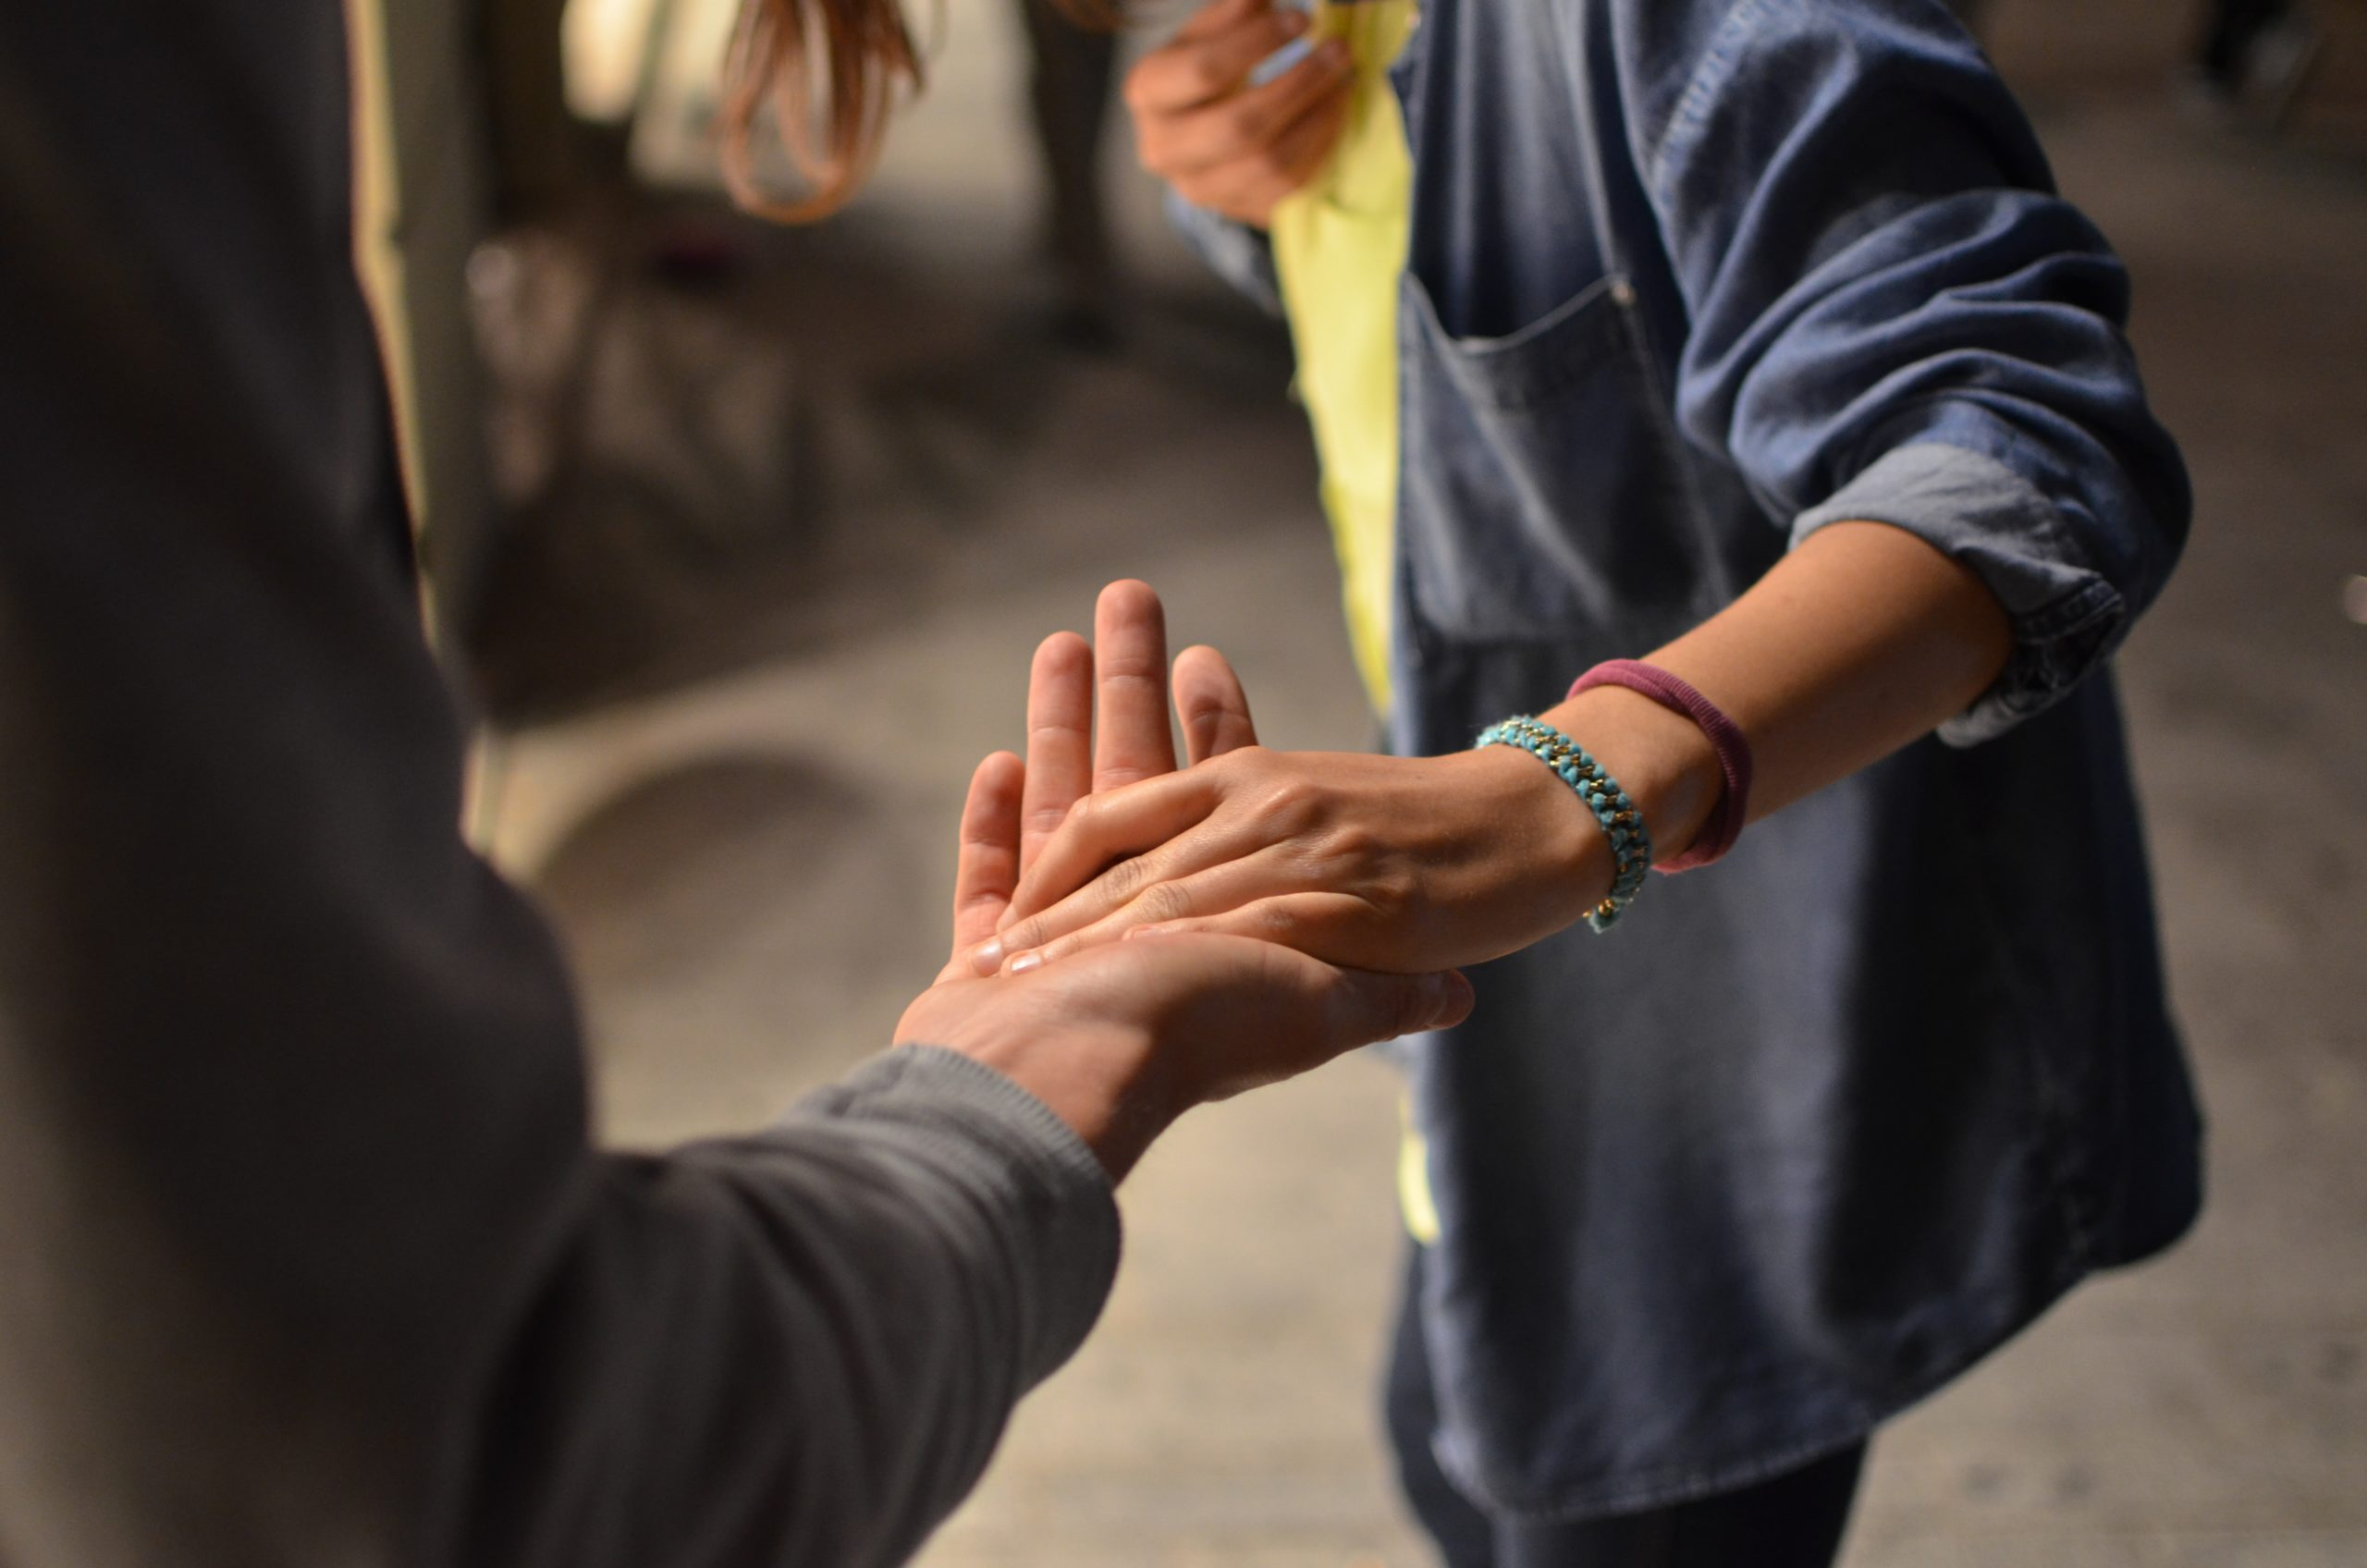 Une personne tend la main à une autre personne.